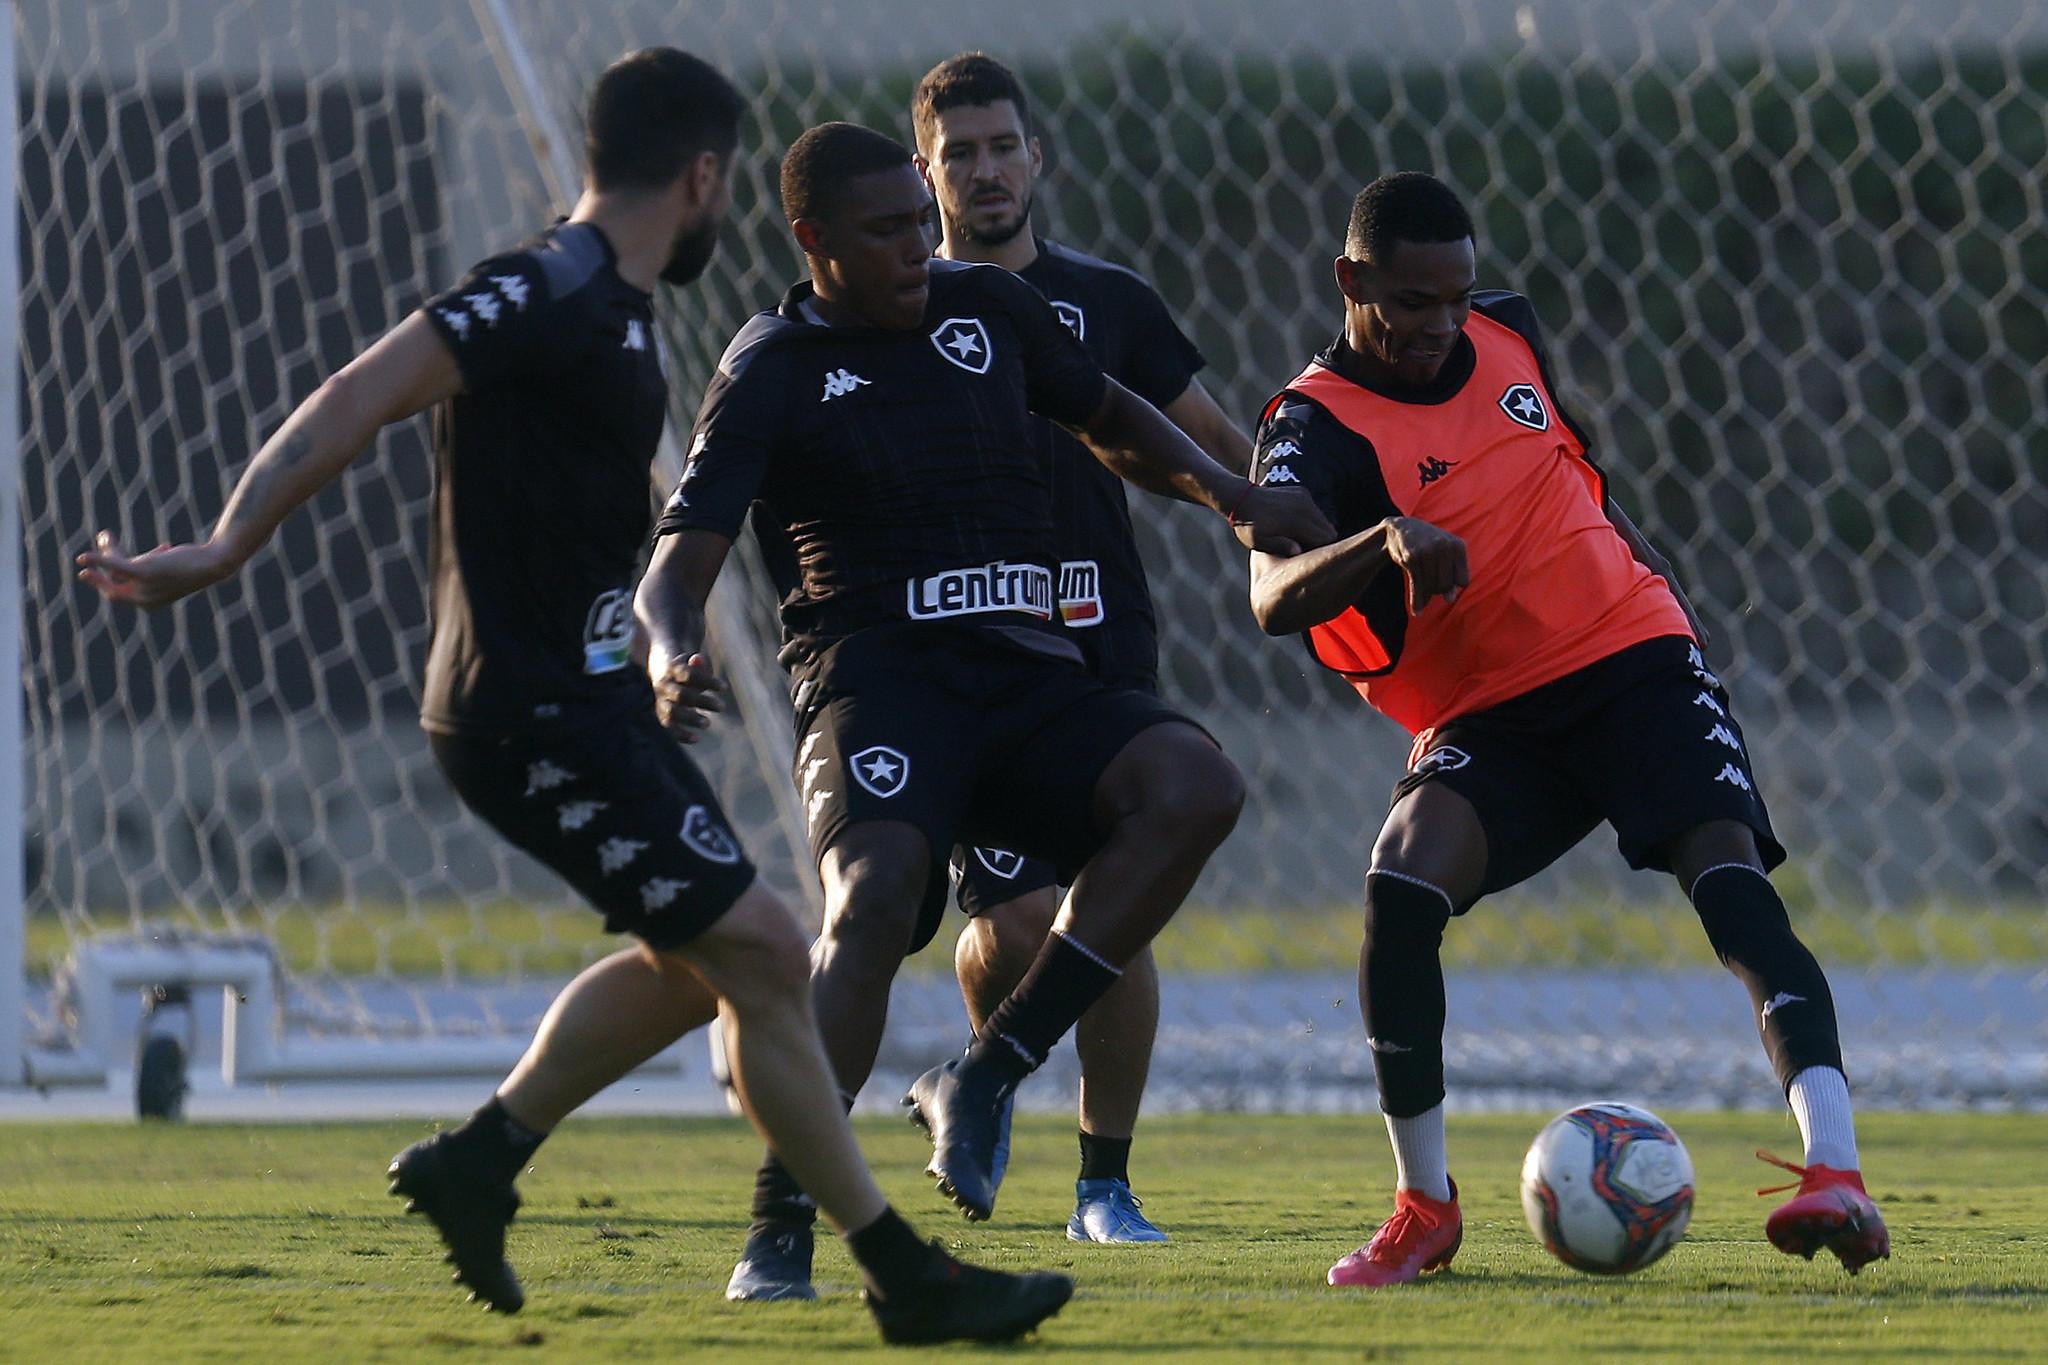 Gabriel Henrique e Lucas Barros - Treino do Botafogo